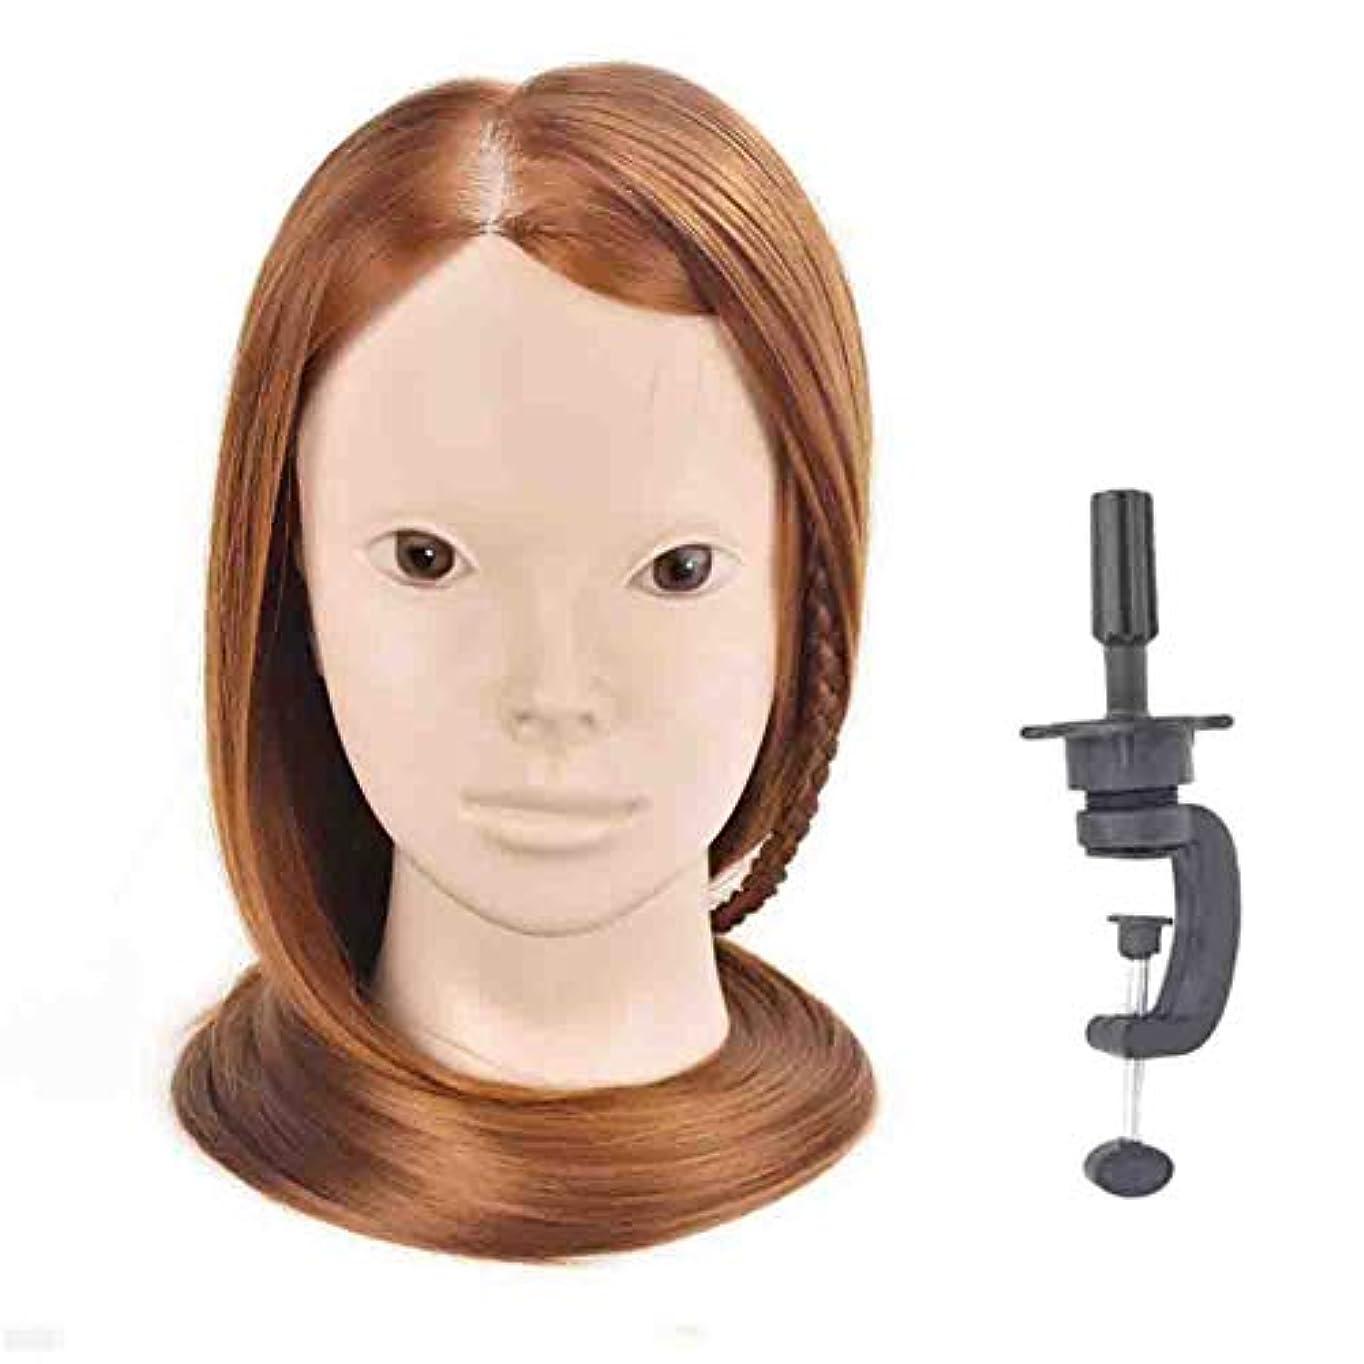 アピールバングラデシュフレットは、花嫁の髪編組ひも学習ヘッドモデル理髪モデルヘッド理髪サロン散髪ダミー練習ヘッド